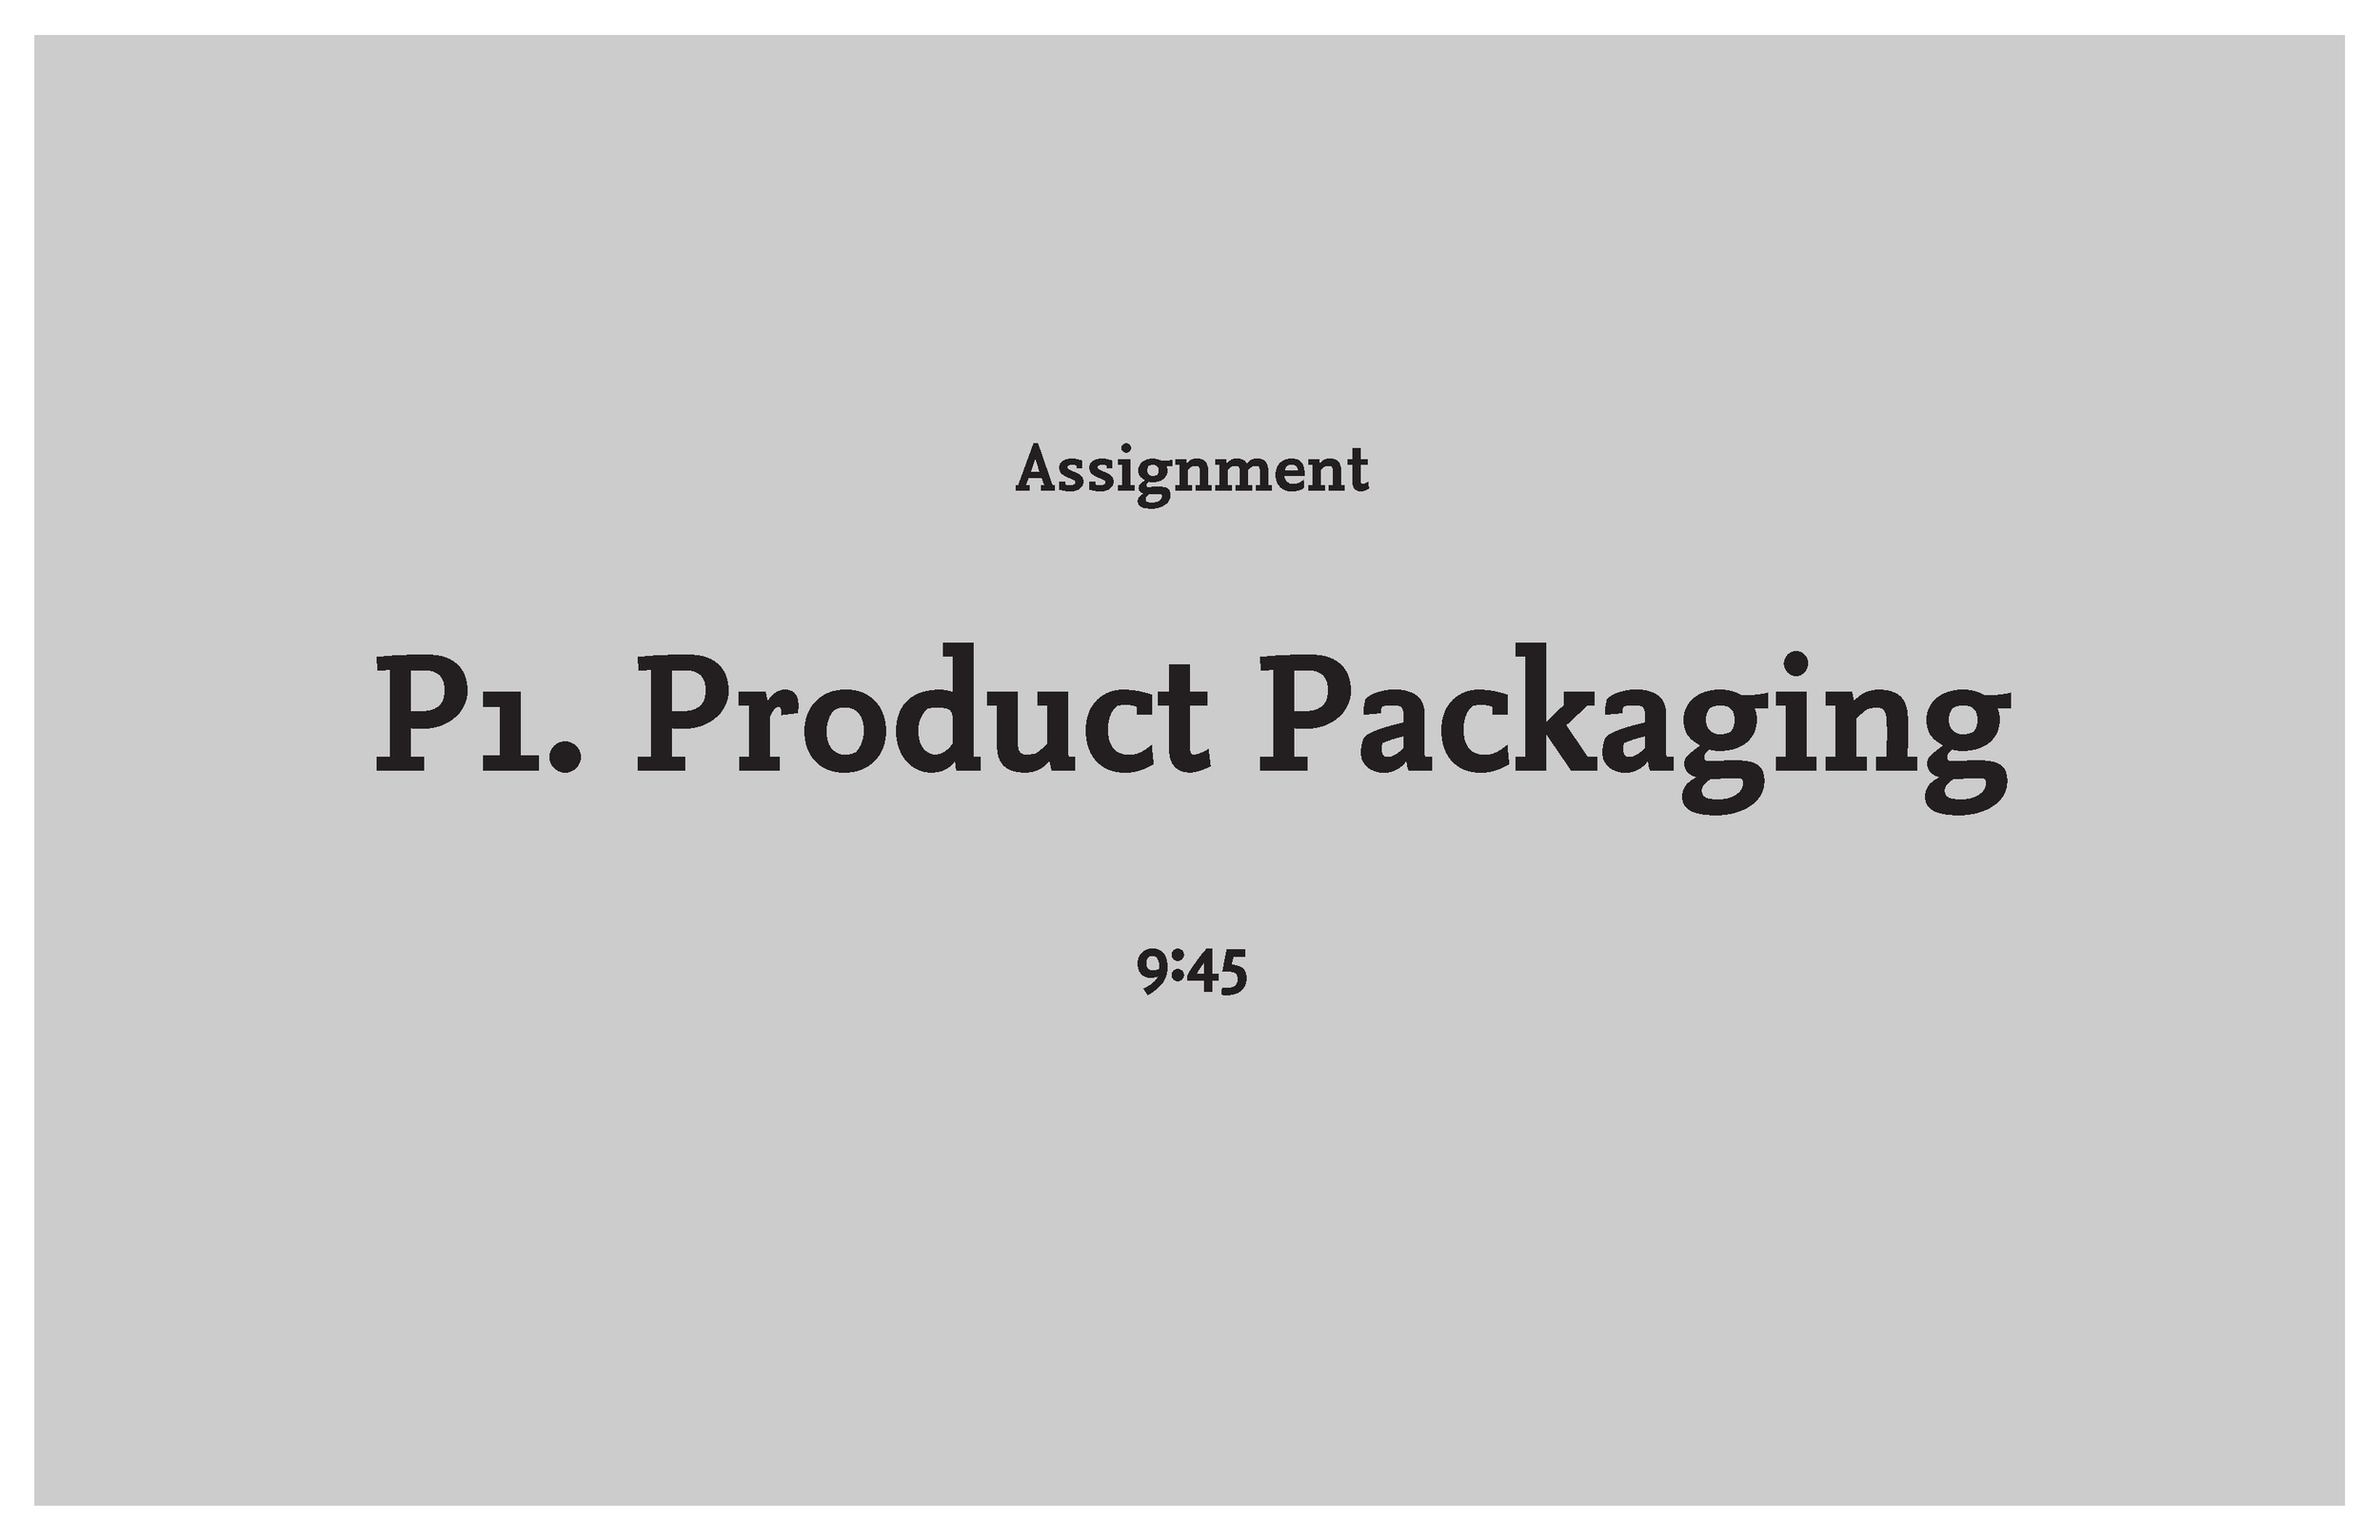 PEM_S19_Week_3_1_Page_10.png